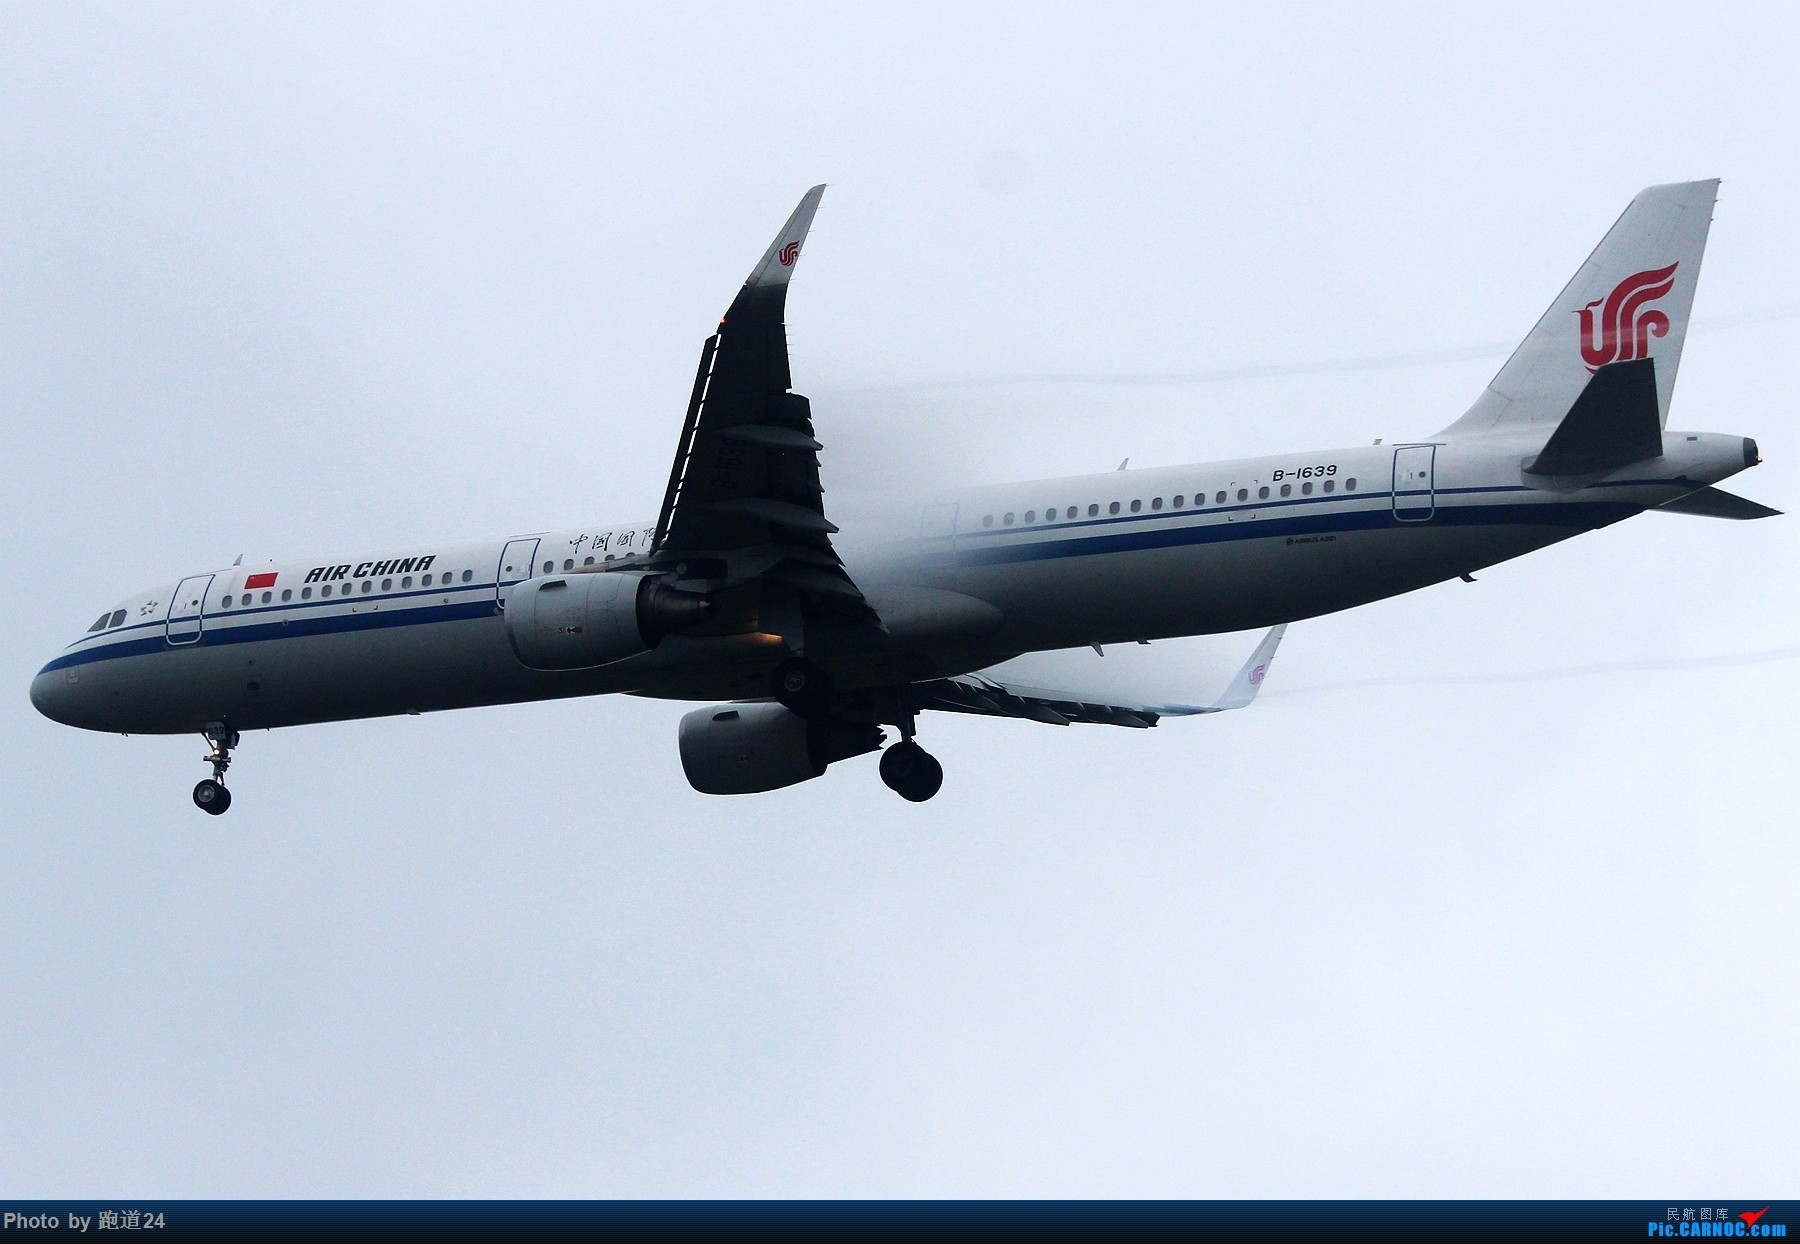 Re:[原创][多图党]雨天CTU拍机 1800*1200 AIRBUS A321-200 B-1639 中国成都双流国际机场